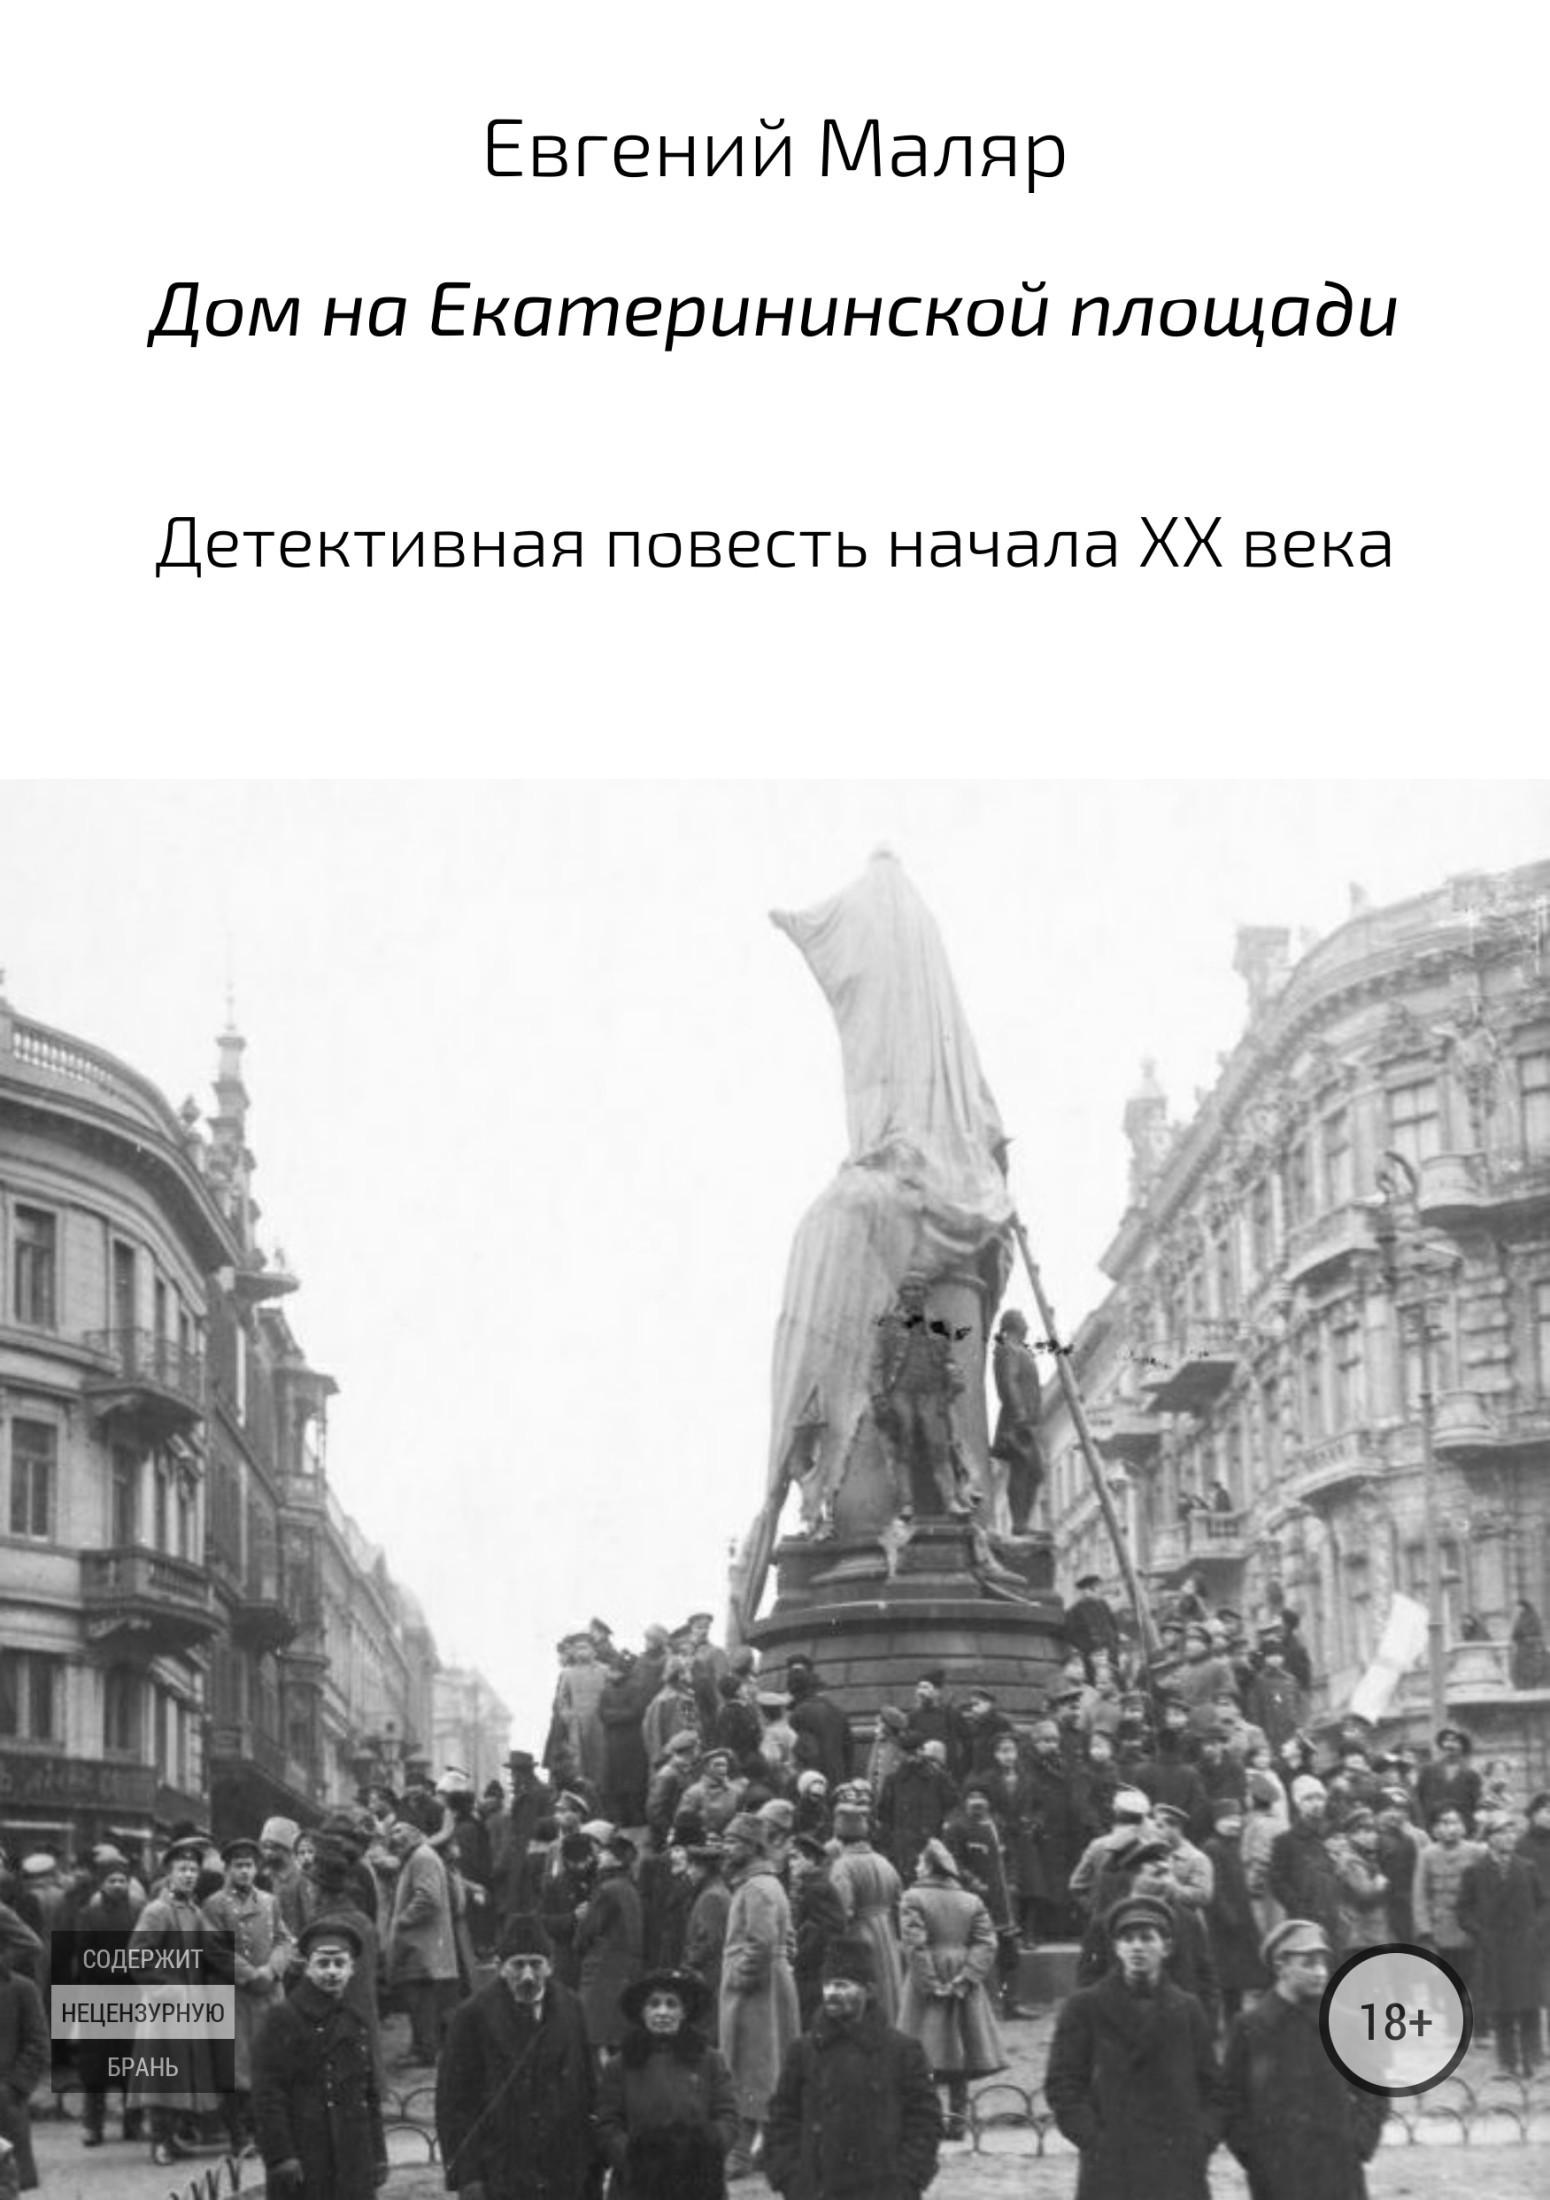 Егений Атольеич Маляр Екатерининской площади. Детектия поесть чала XX ека